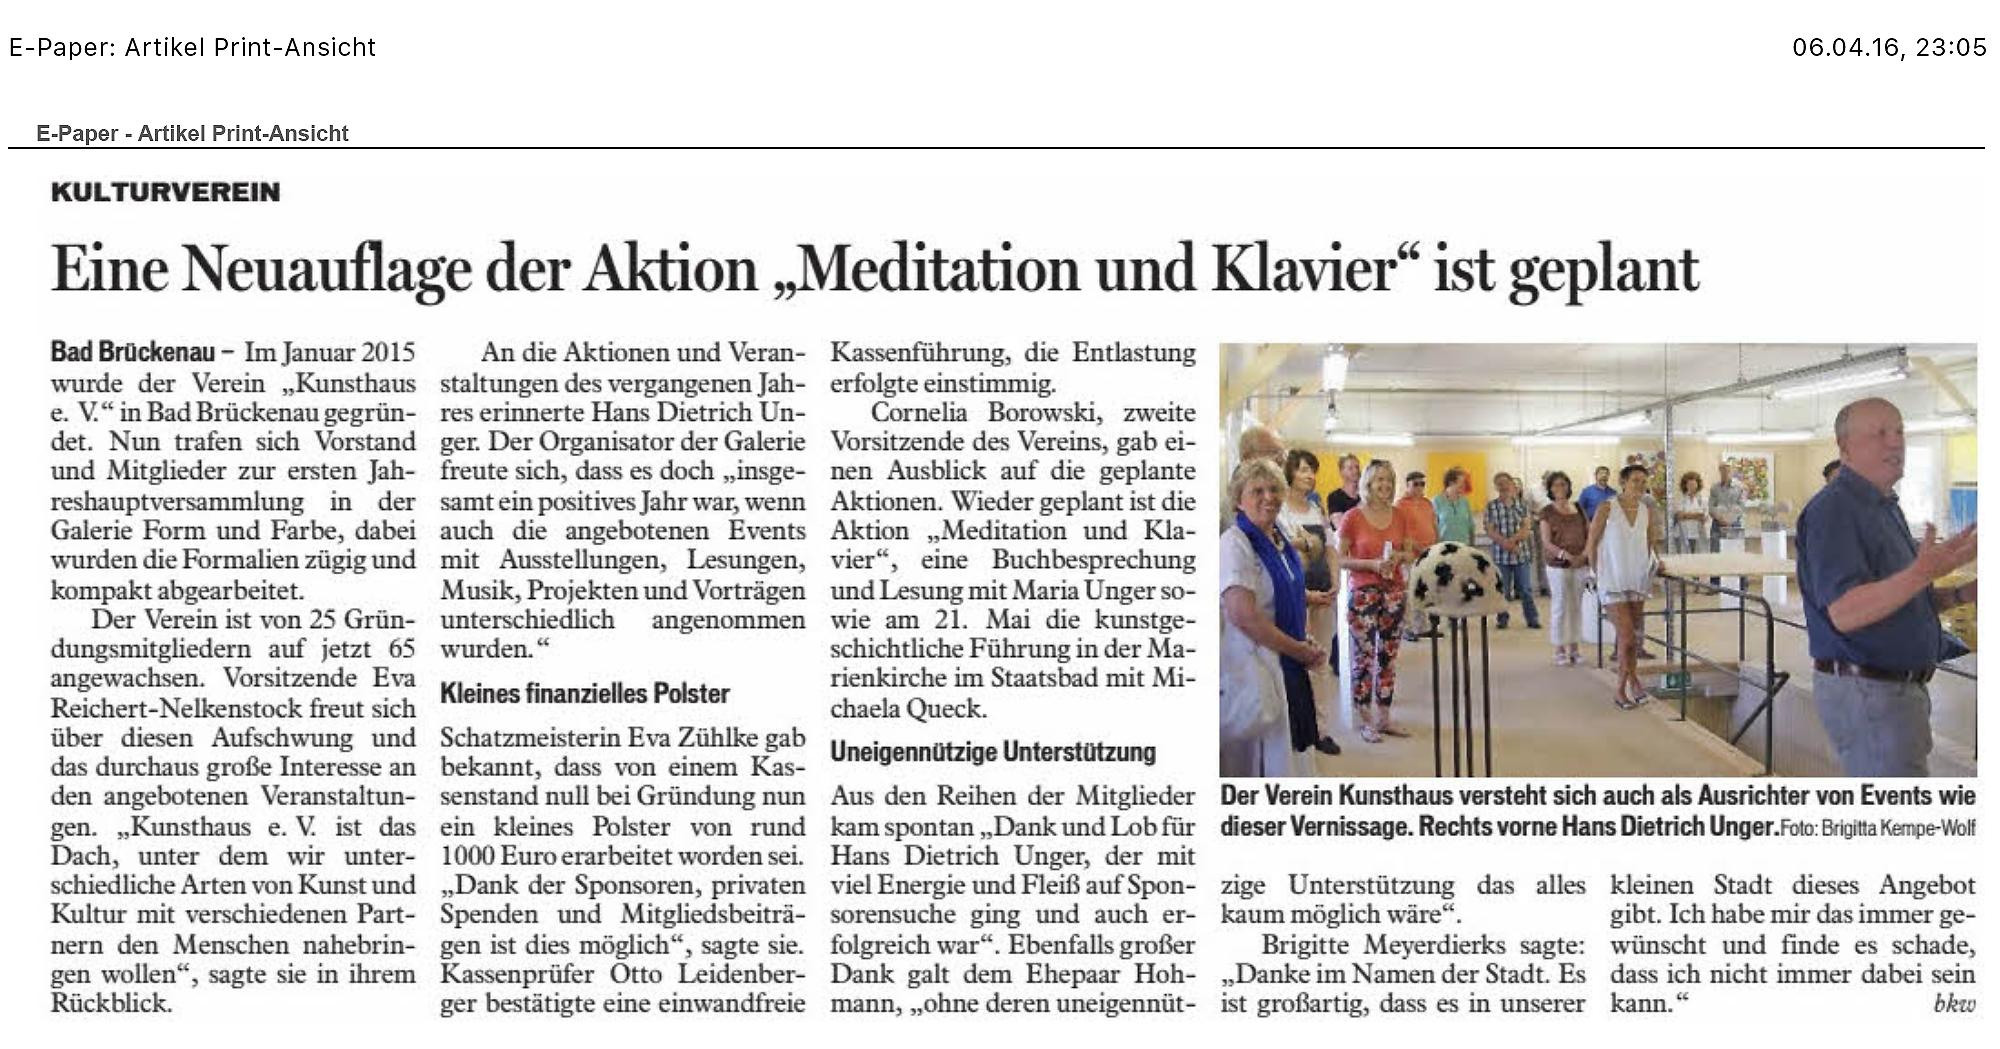 SaaleZeitung 06.04.2016 Kunsthaus